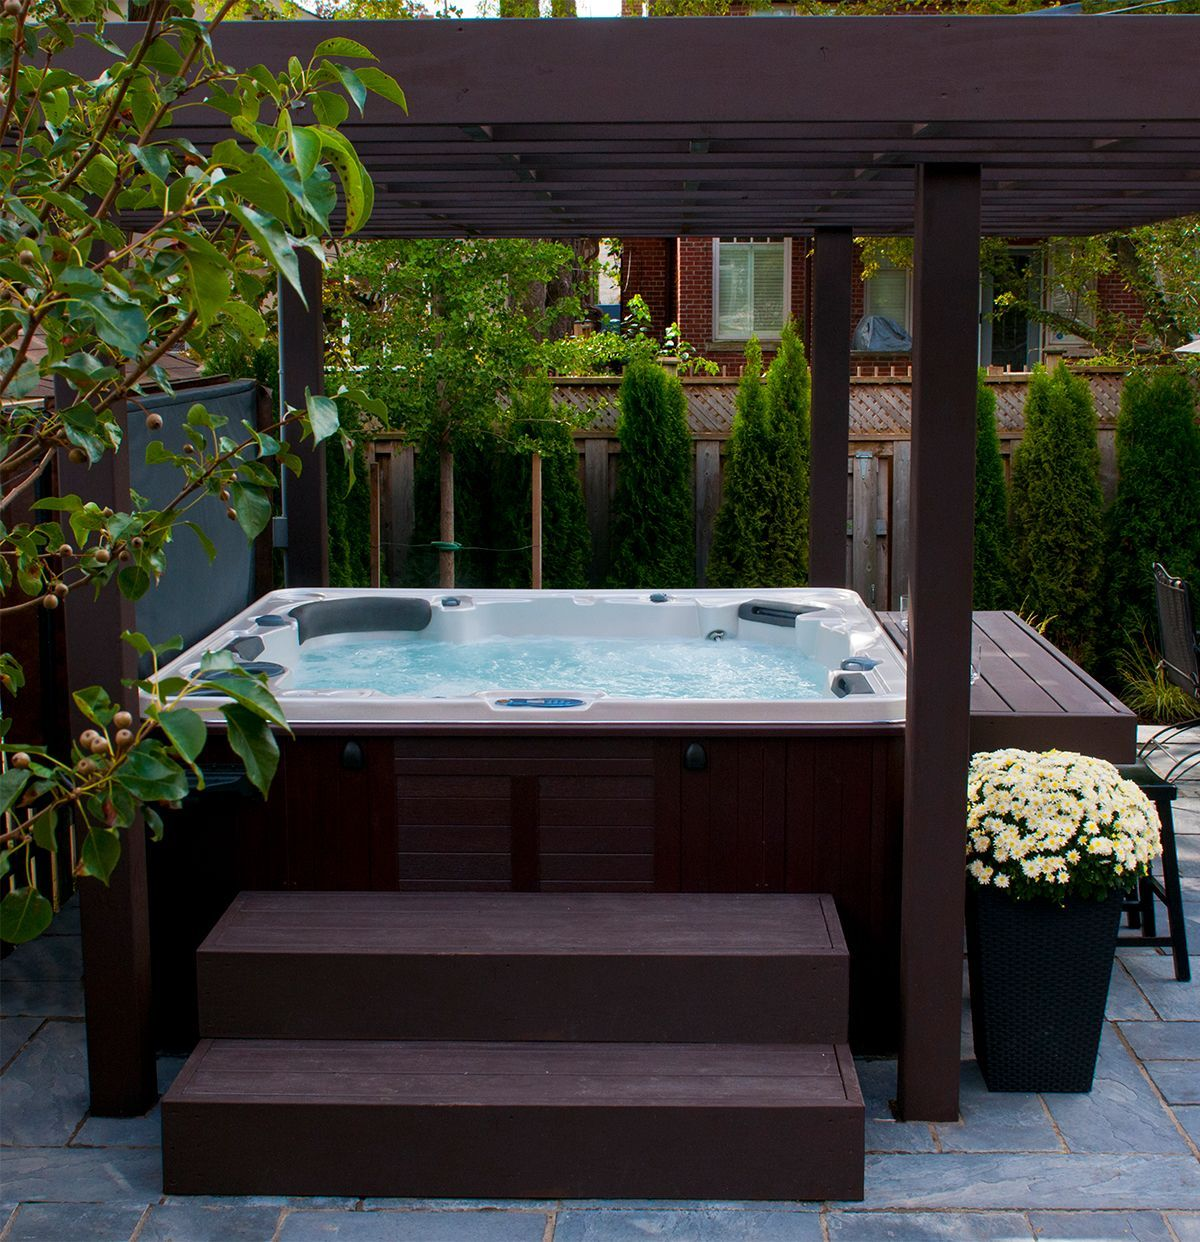 Hot Tubs Hot Tub Landscaping Hot Tub Backyard Hot Tub Outdoor